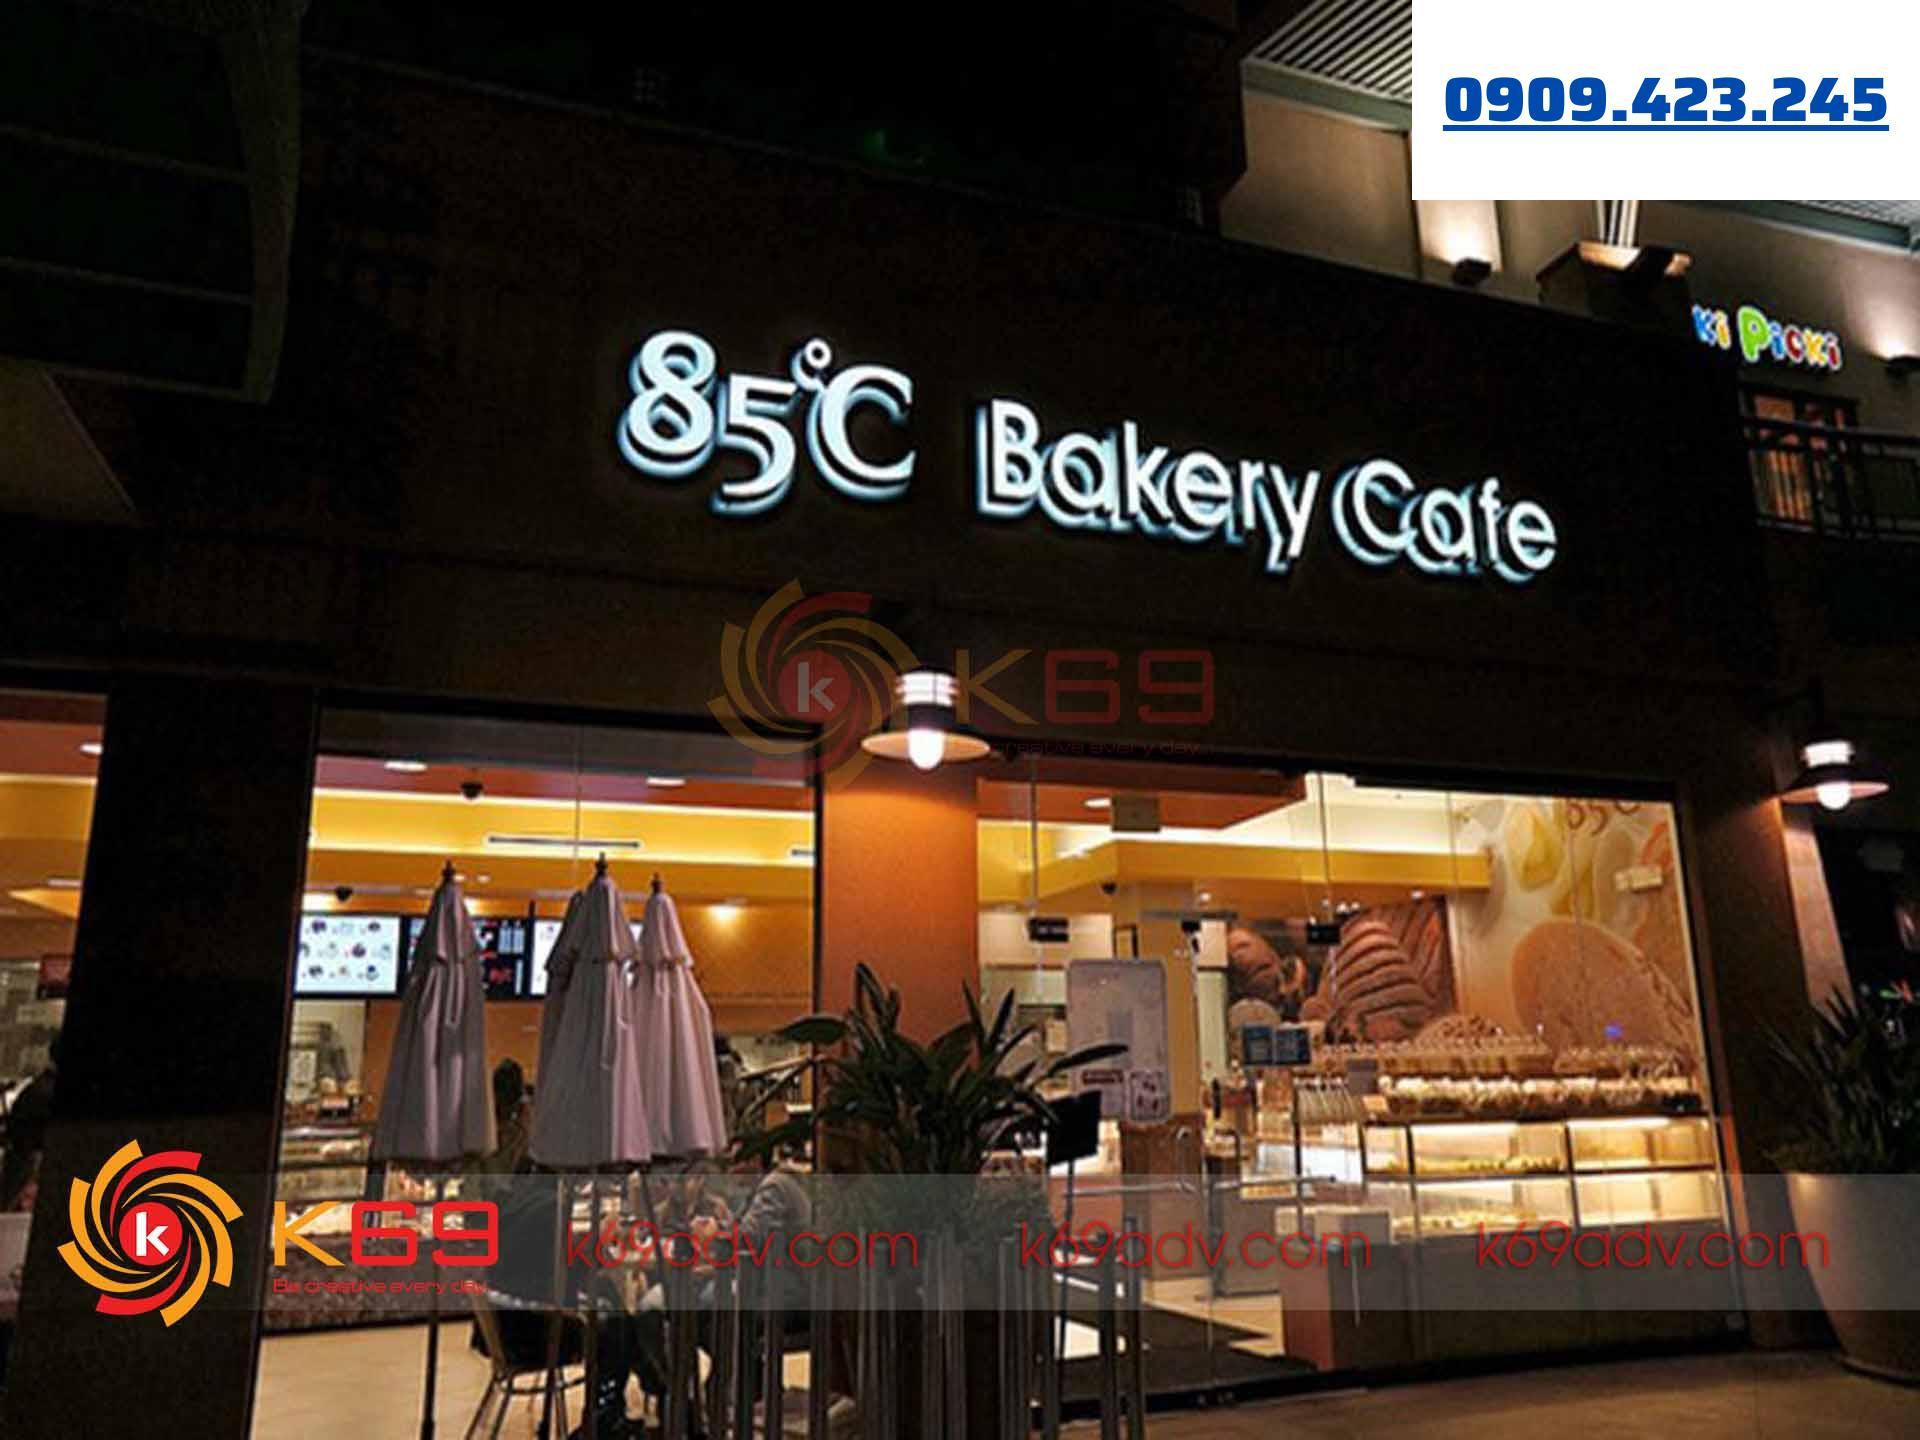 mẫu bảng hiệu quán cafe tại tphcm